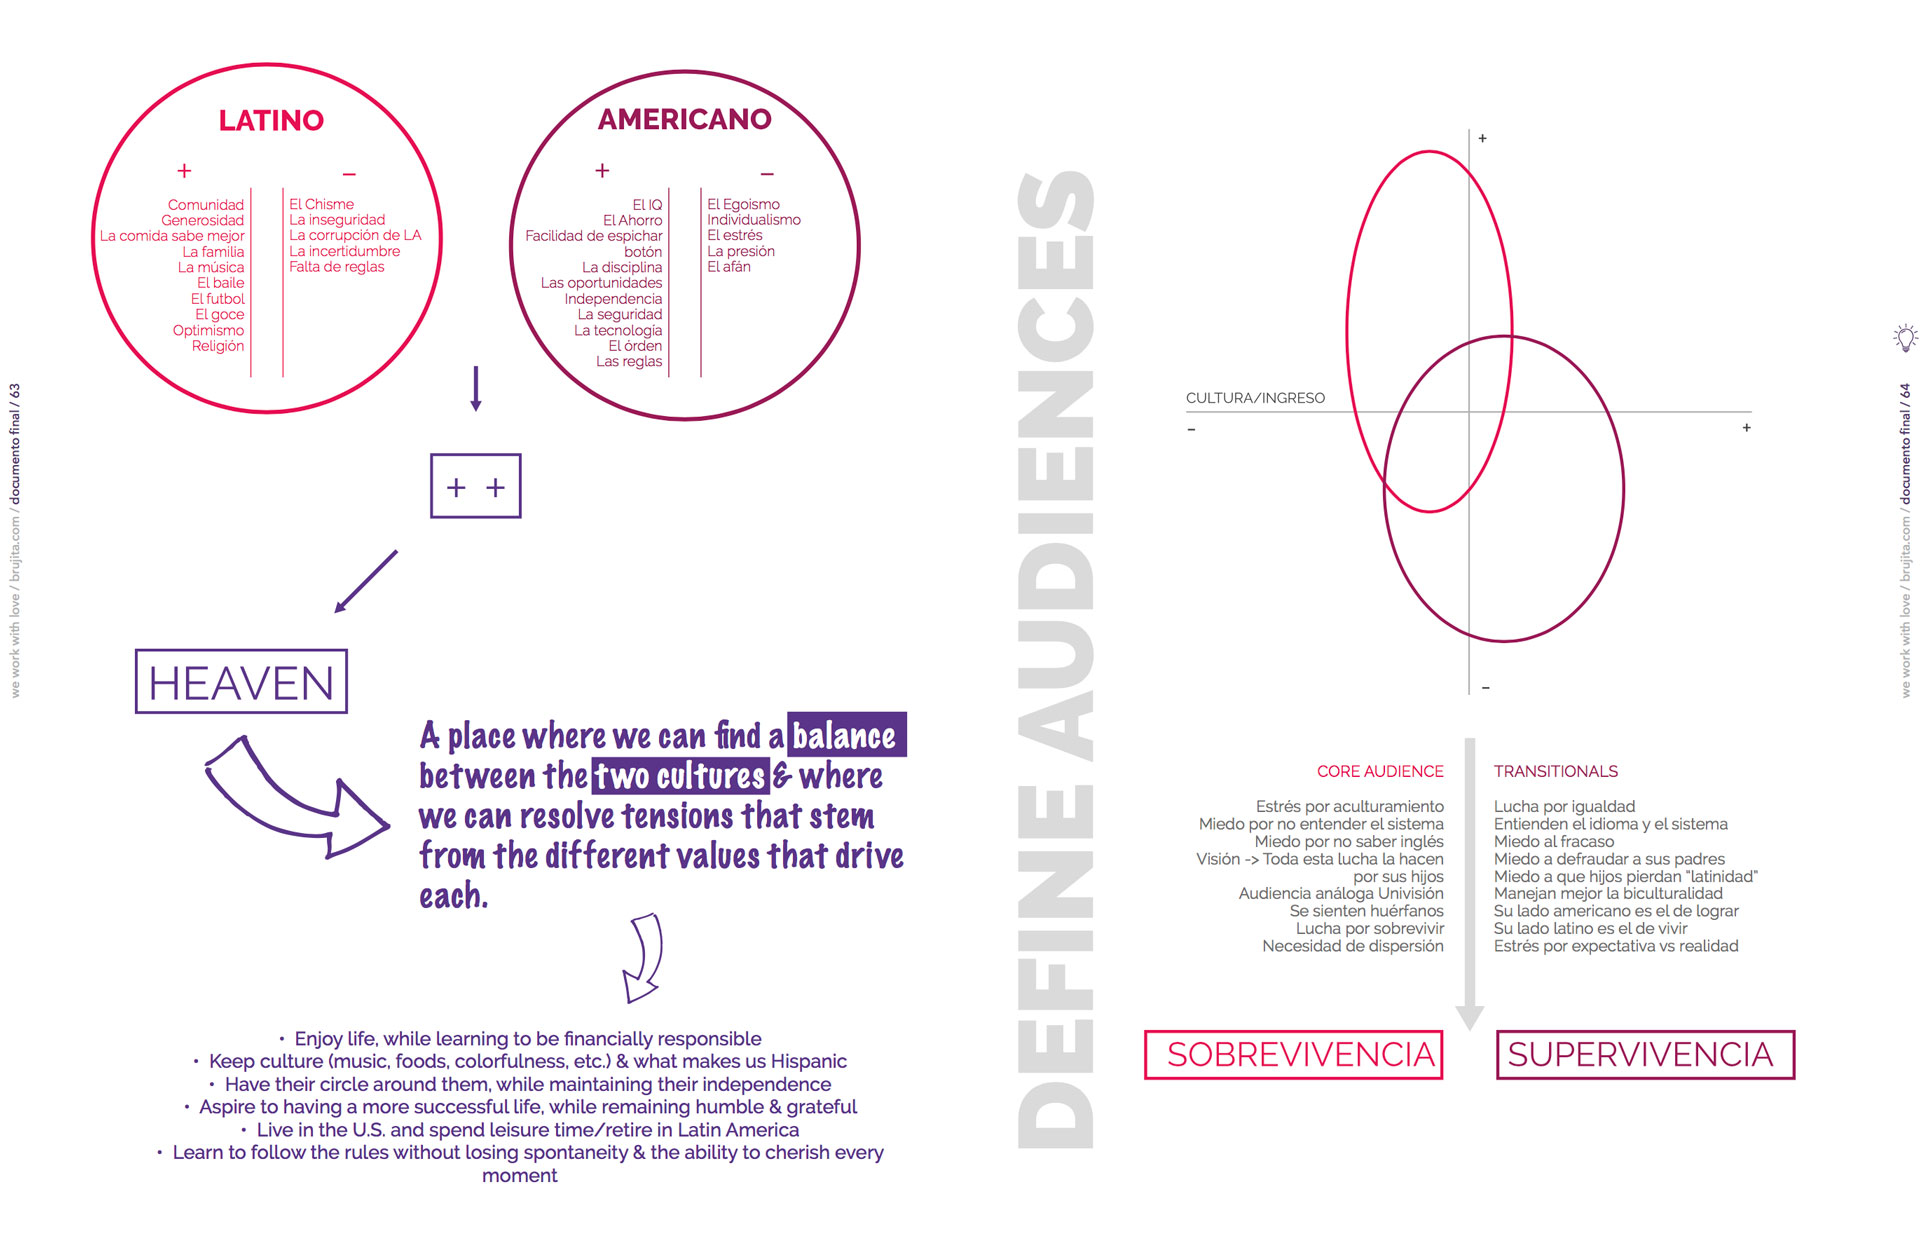 ^D384C3CA9DC1D141822645A4622095047C7704A86A80FE324E^pimgpsh_fullsize_distr.jpg